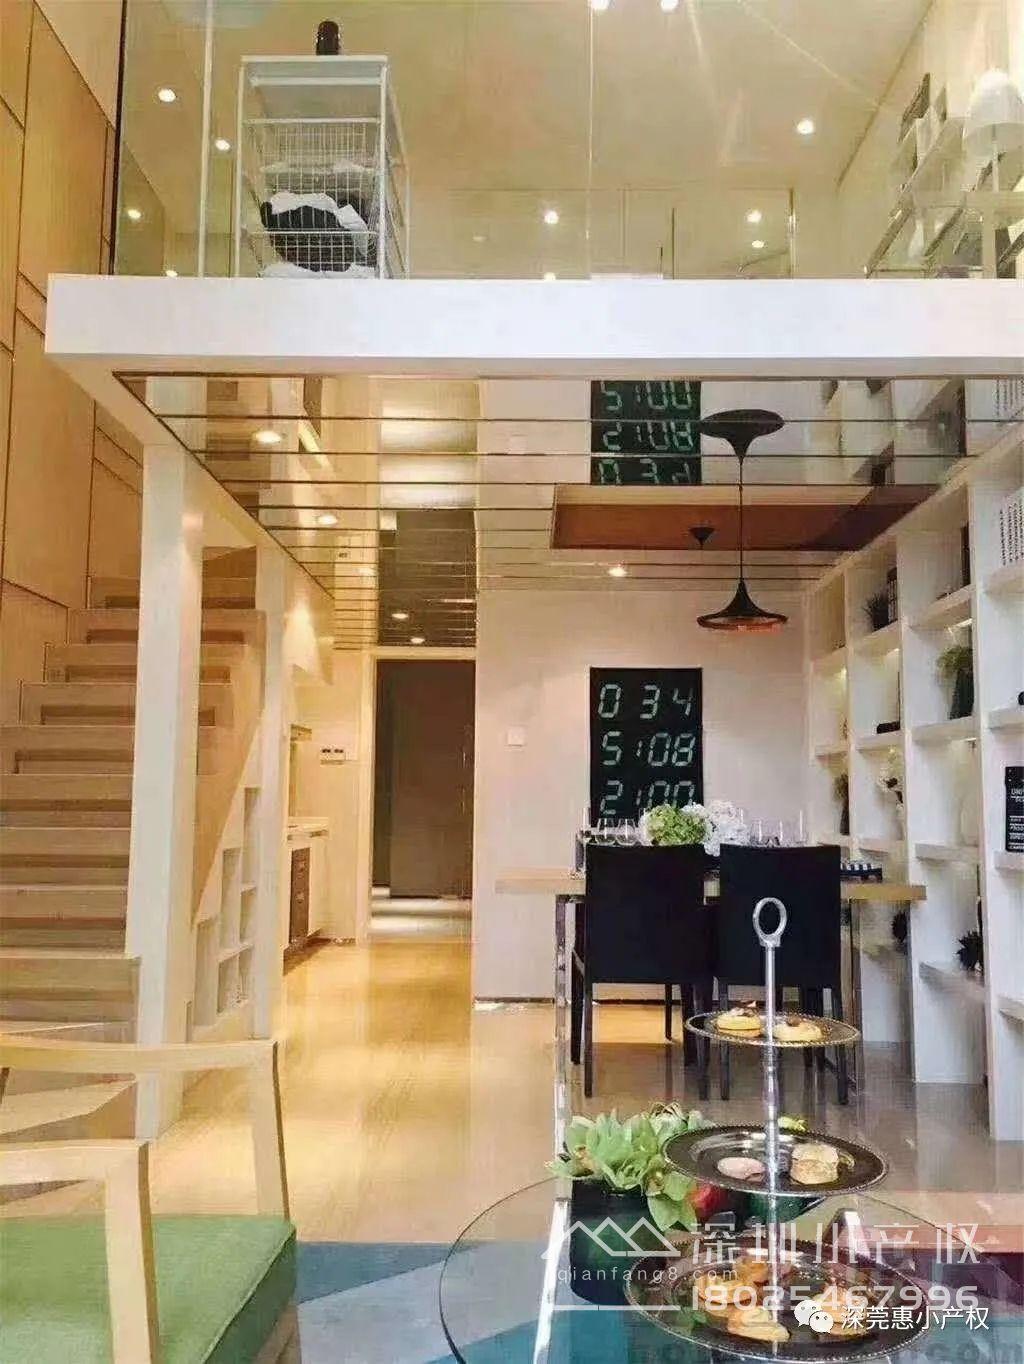 厚街地铁口4栋大型花园社区【康桥新城】超高使用率,买一层送一层!